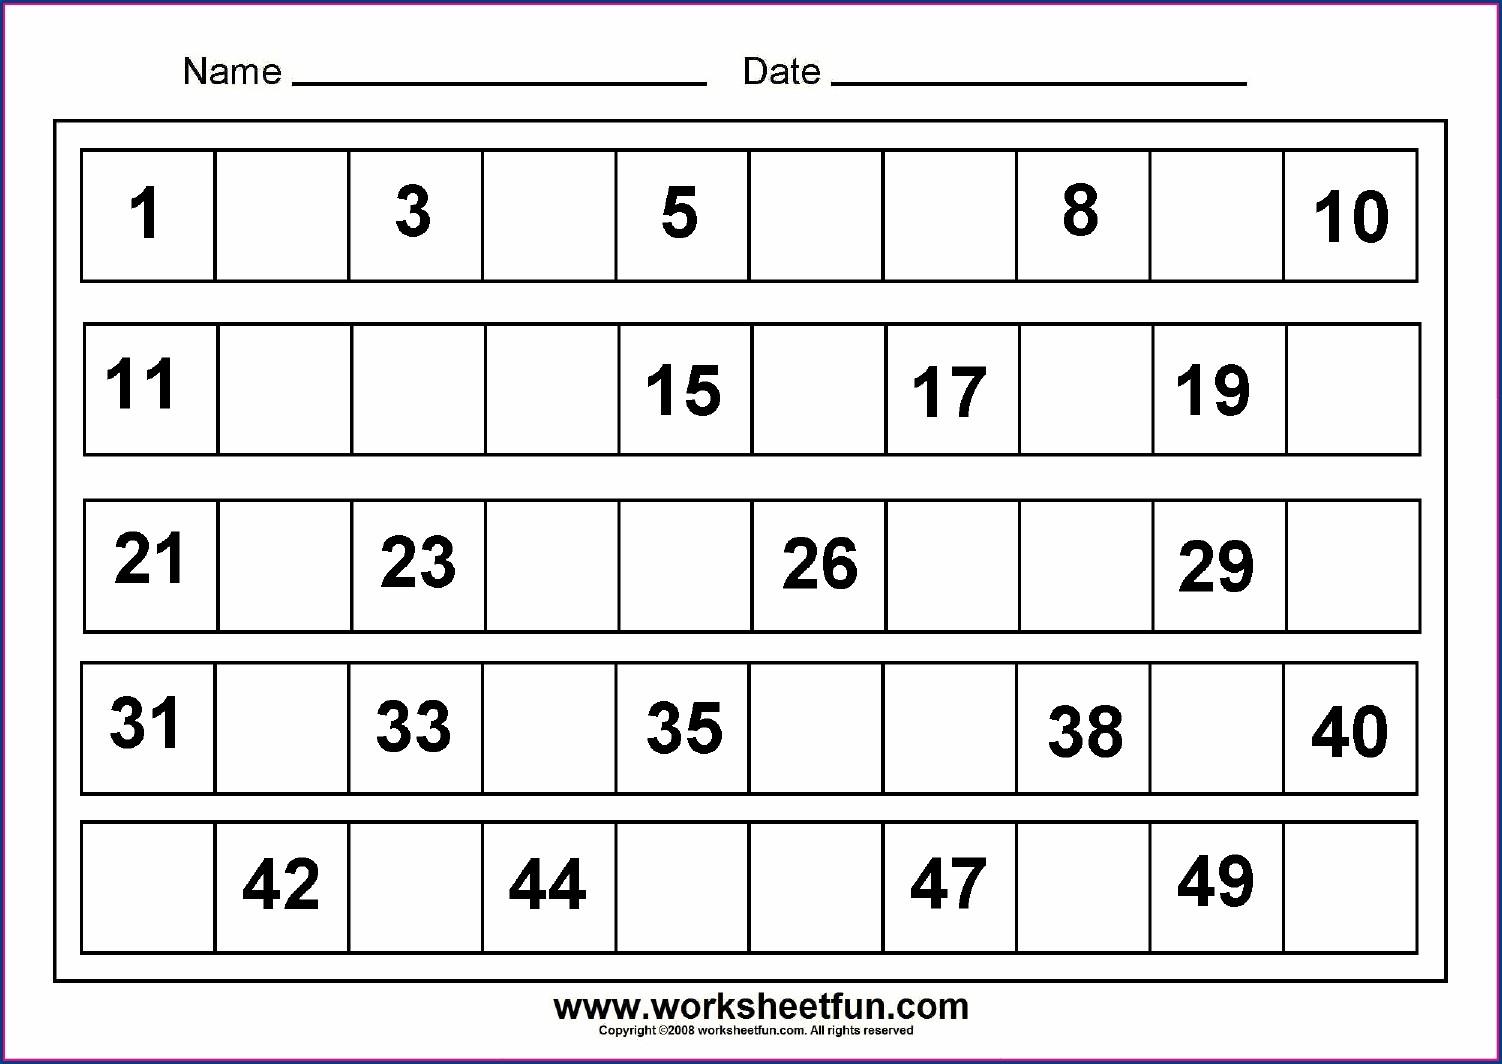 Worksheet On Numbers 1 20 Worksheet Resume Examples